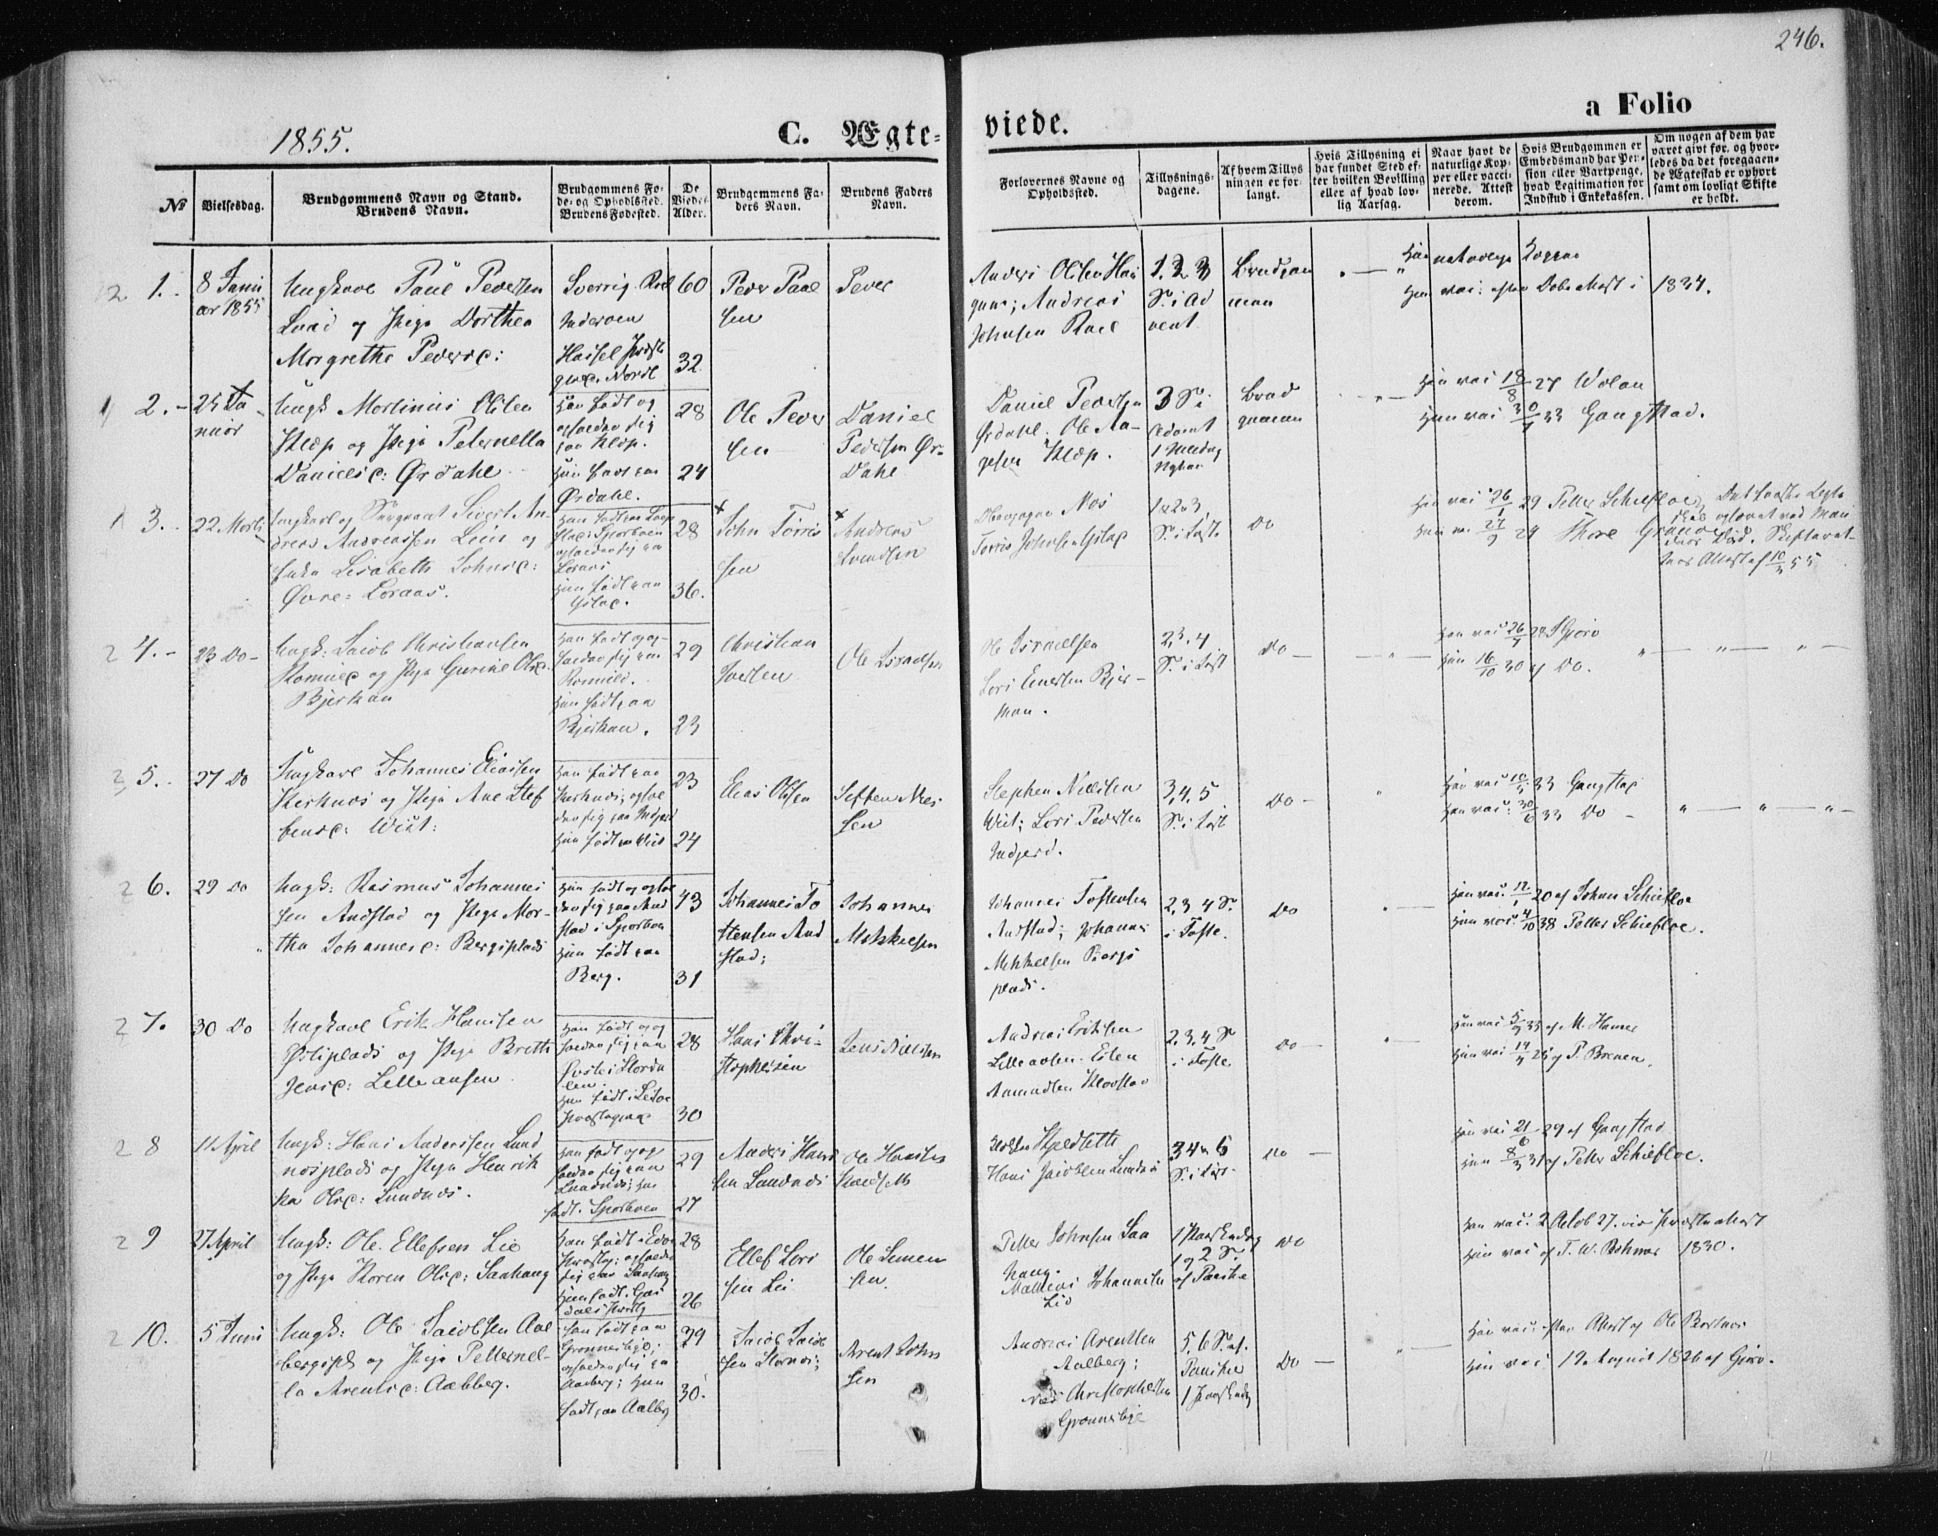 SAT, Ministerialprotokoller, klokkerbøker og fødselsregistre - Nord-Trøndelag, 730/L0283: Parish register (official) no. 730A08, 1855-1865, p. 246